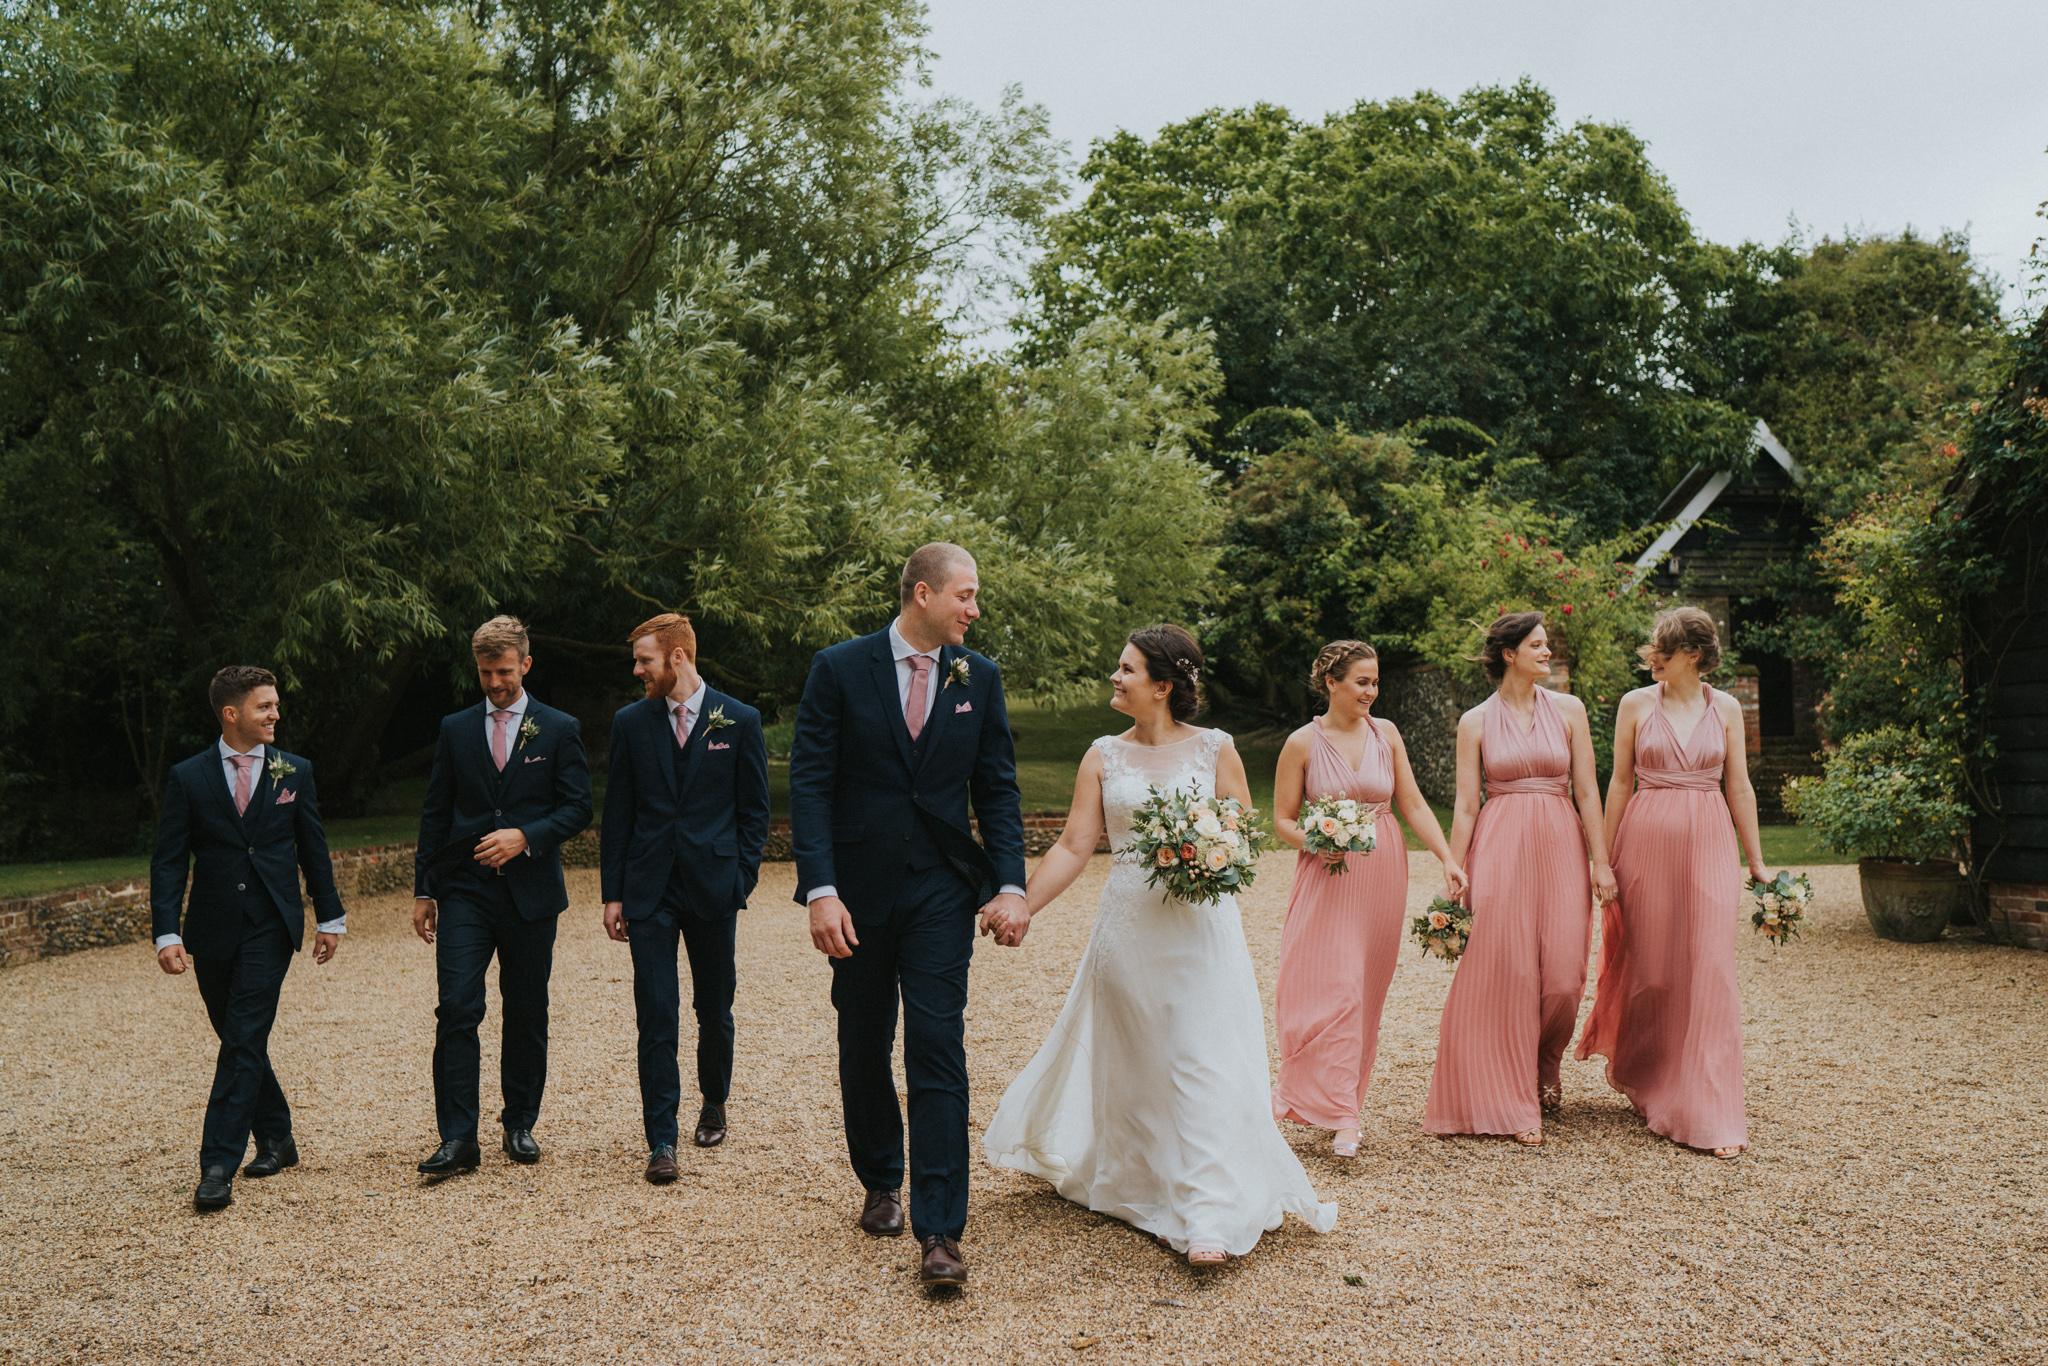 emily-dominic-barrandov-opera-house-grace-elizabeth-colchester-essex-alternative-wedding-lifestyle-photographer-essex-suffolk-norfolk-devon (40 of 54).jpg